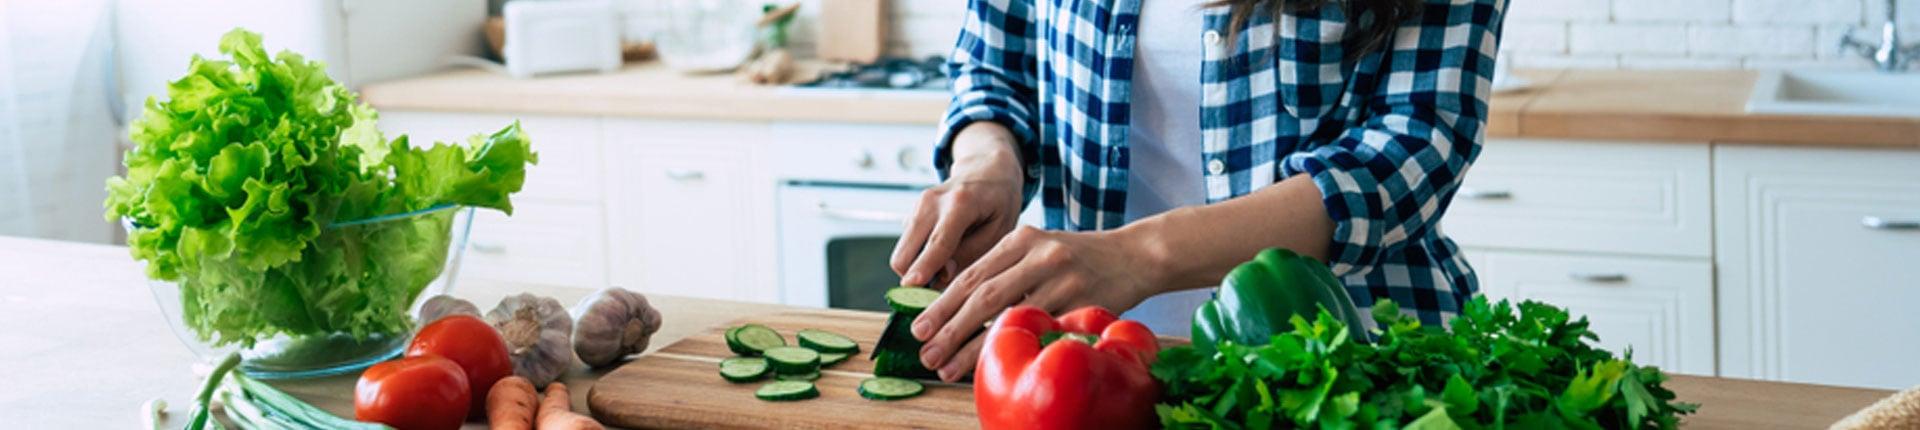 Jaka dieta może wyleczyć insulinooporność?! Czy berberyna może pomóc?